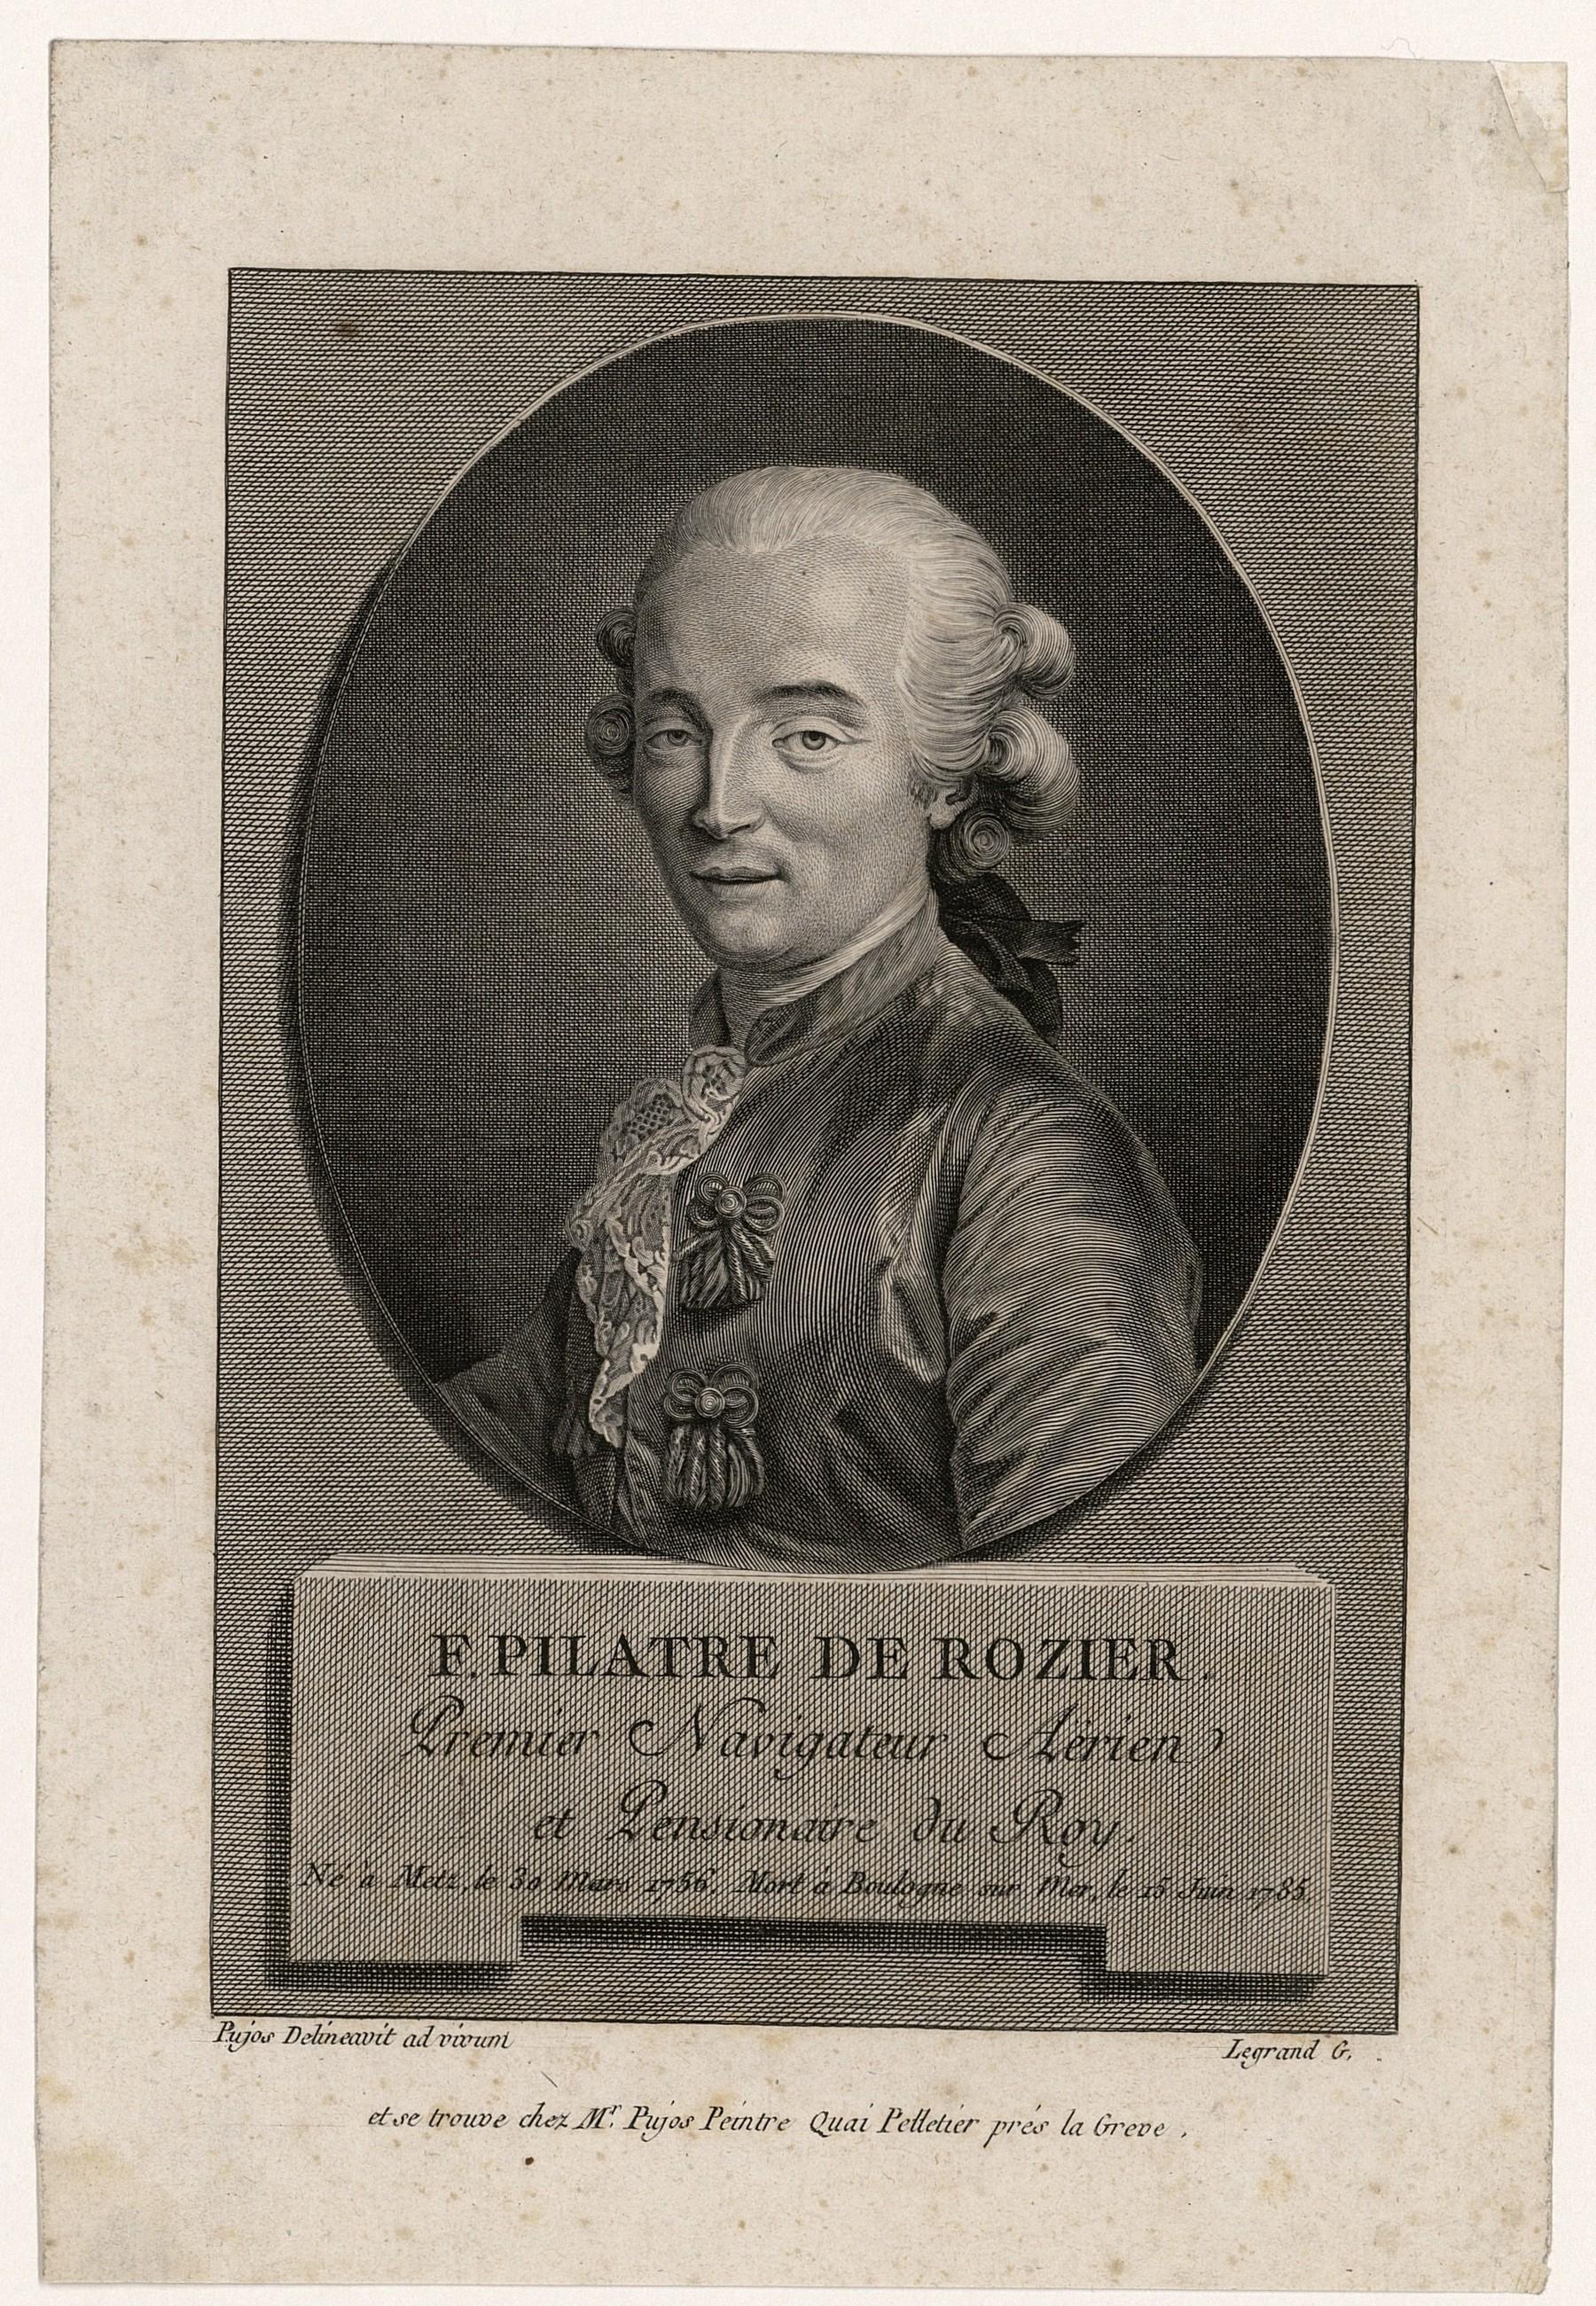 Contenu du F. Pilatre de Rozier : premier navigateur aérien et pensionaire du Roy